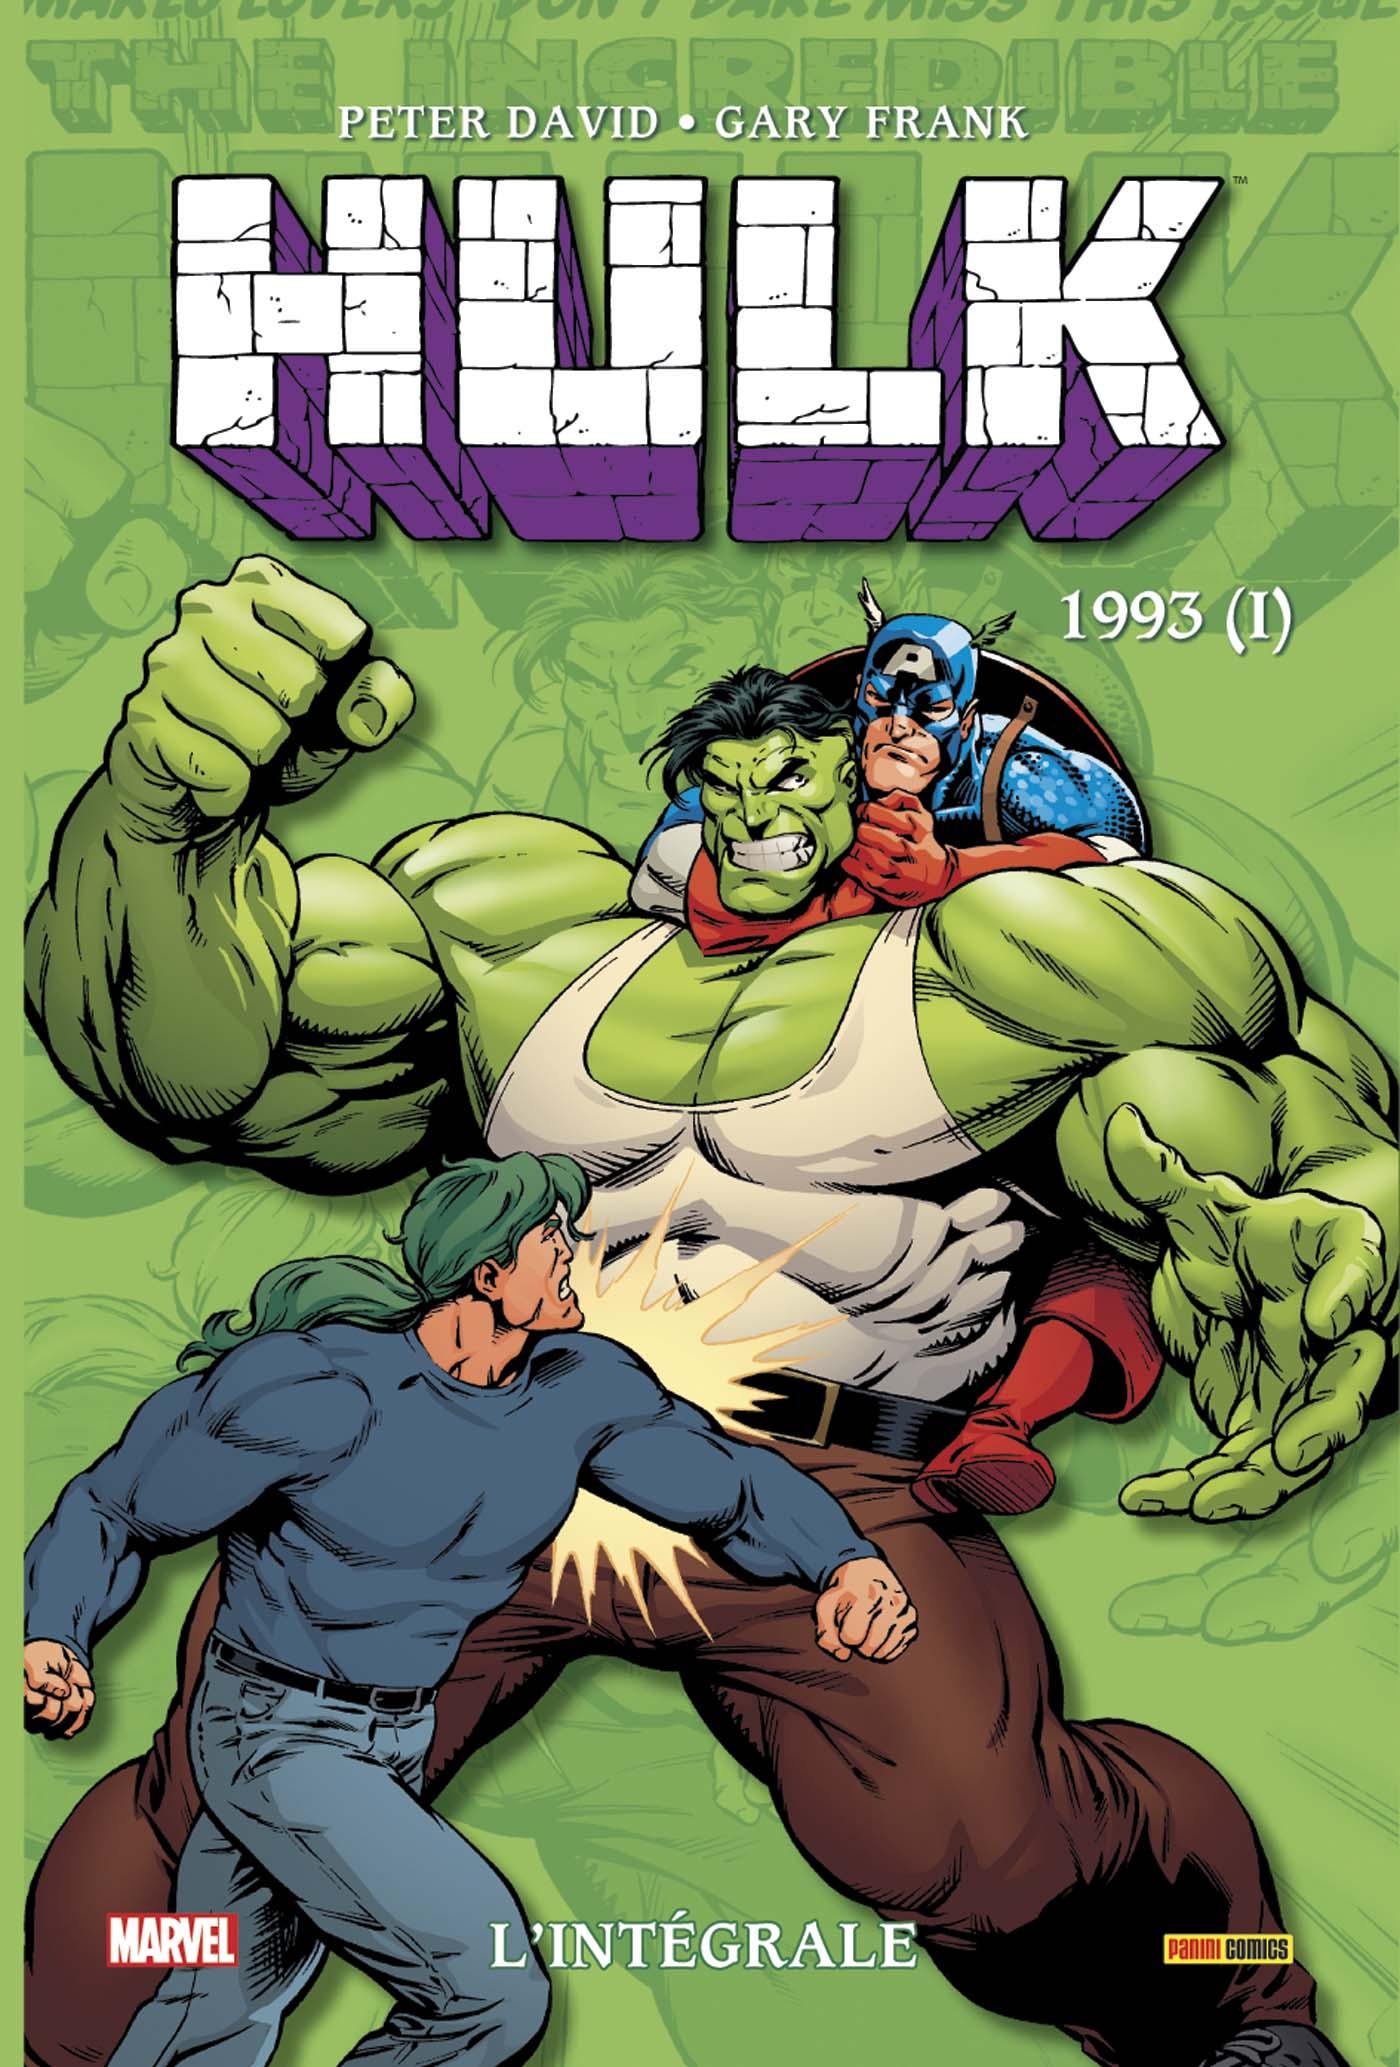 Hulk 1993.1 - 1993 (I)